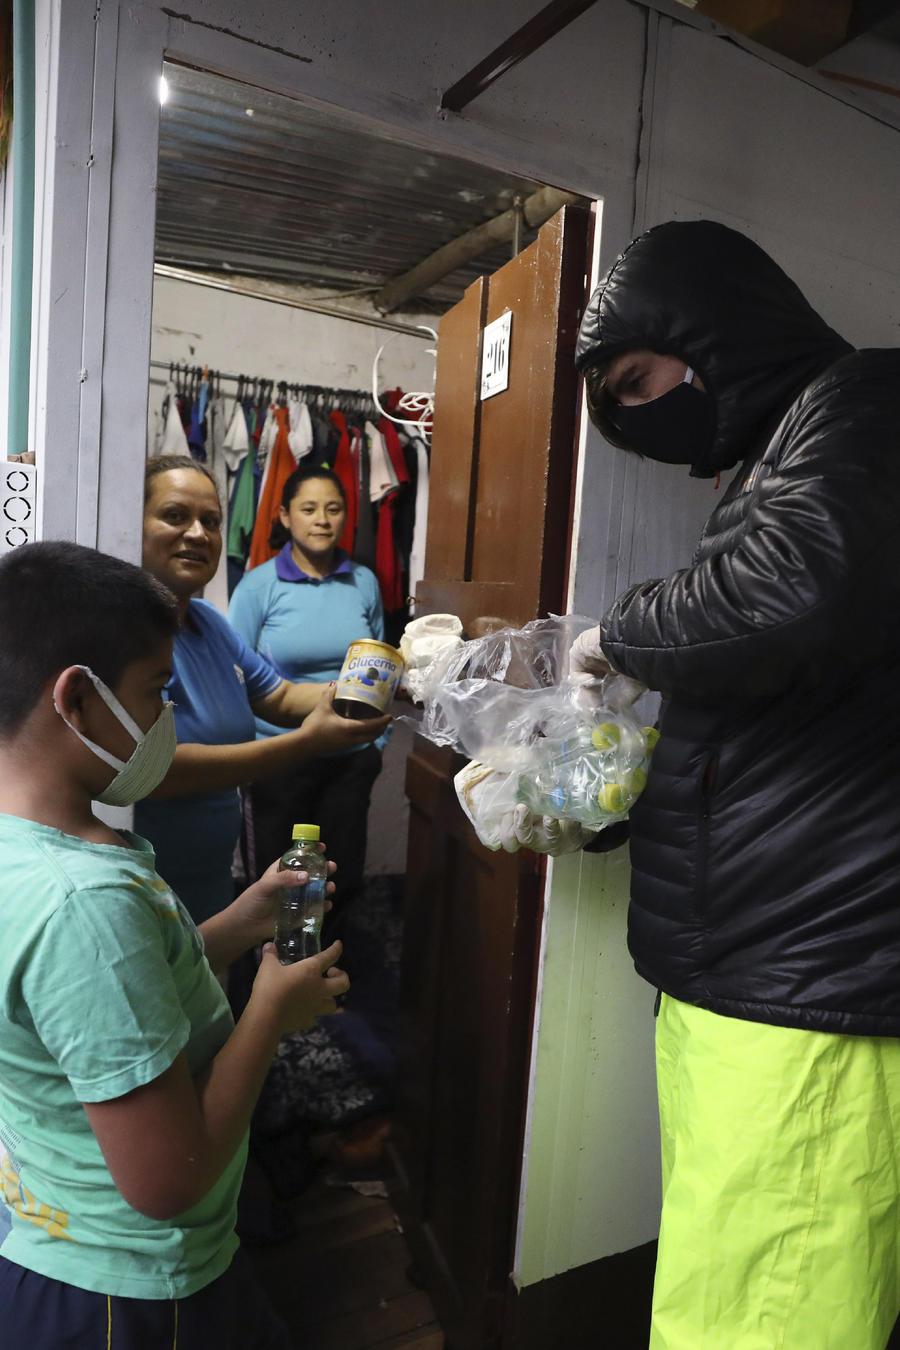 Emiliano Moscoso (der) entrega hamburguesas a una familia venezolana en un barrio pobre de Bogotá que pasan aún más necesidad por la pandemia del coronavirus, el 30 de marzo del 2020.